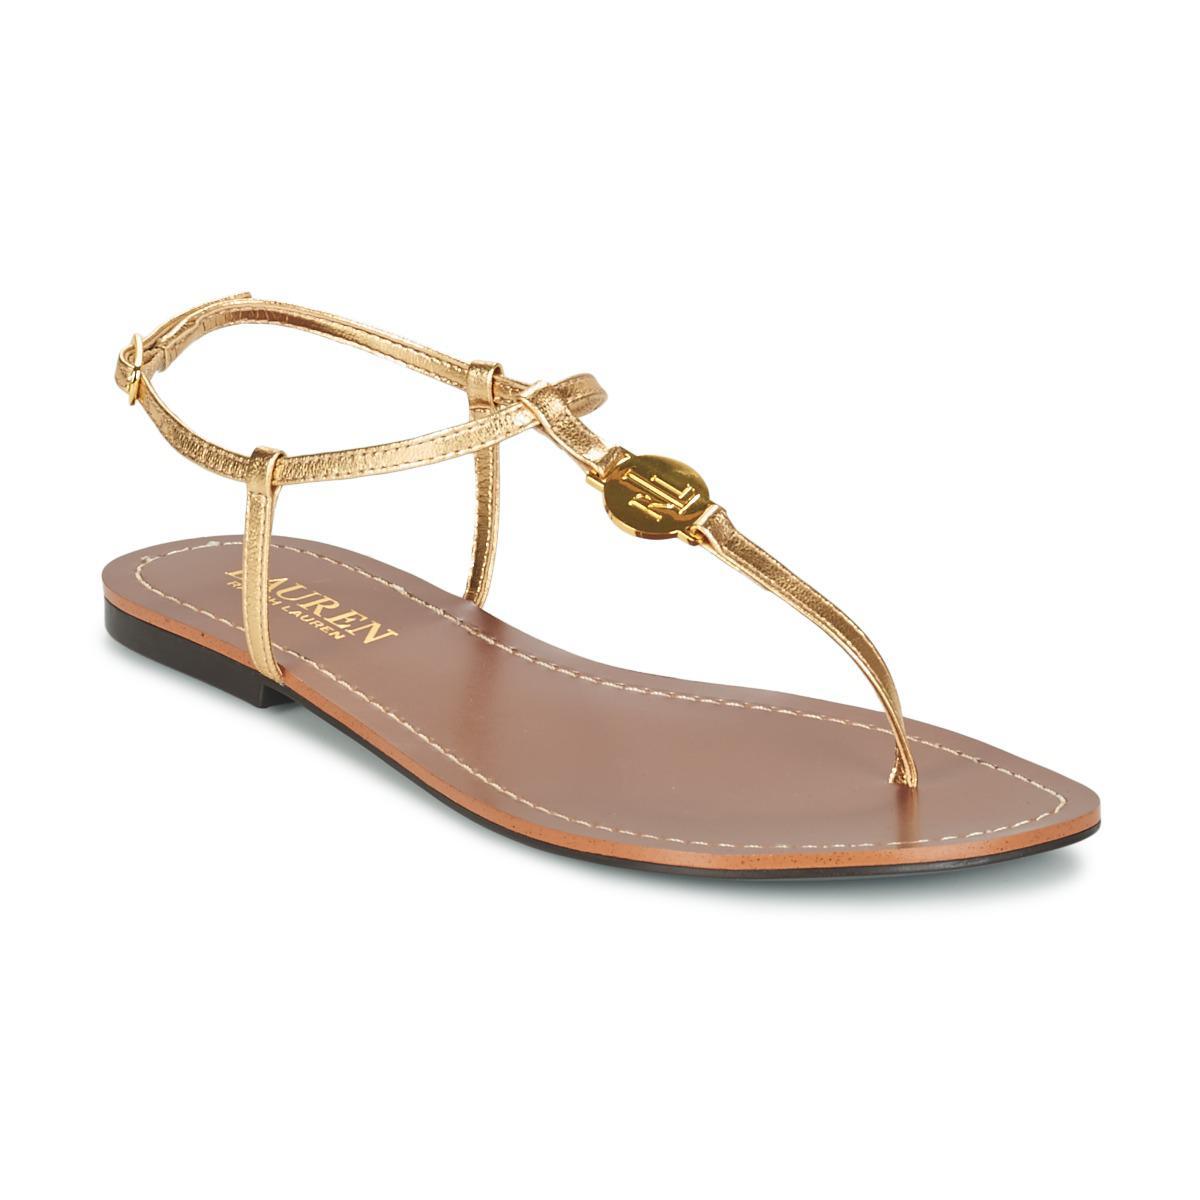 f460c4d30688 Ralph Lauren Aimon Women s Sandals In Gold in Metallic - Lyst